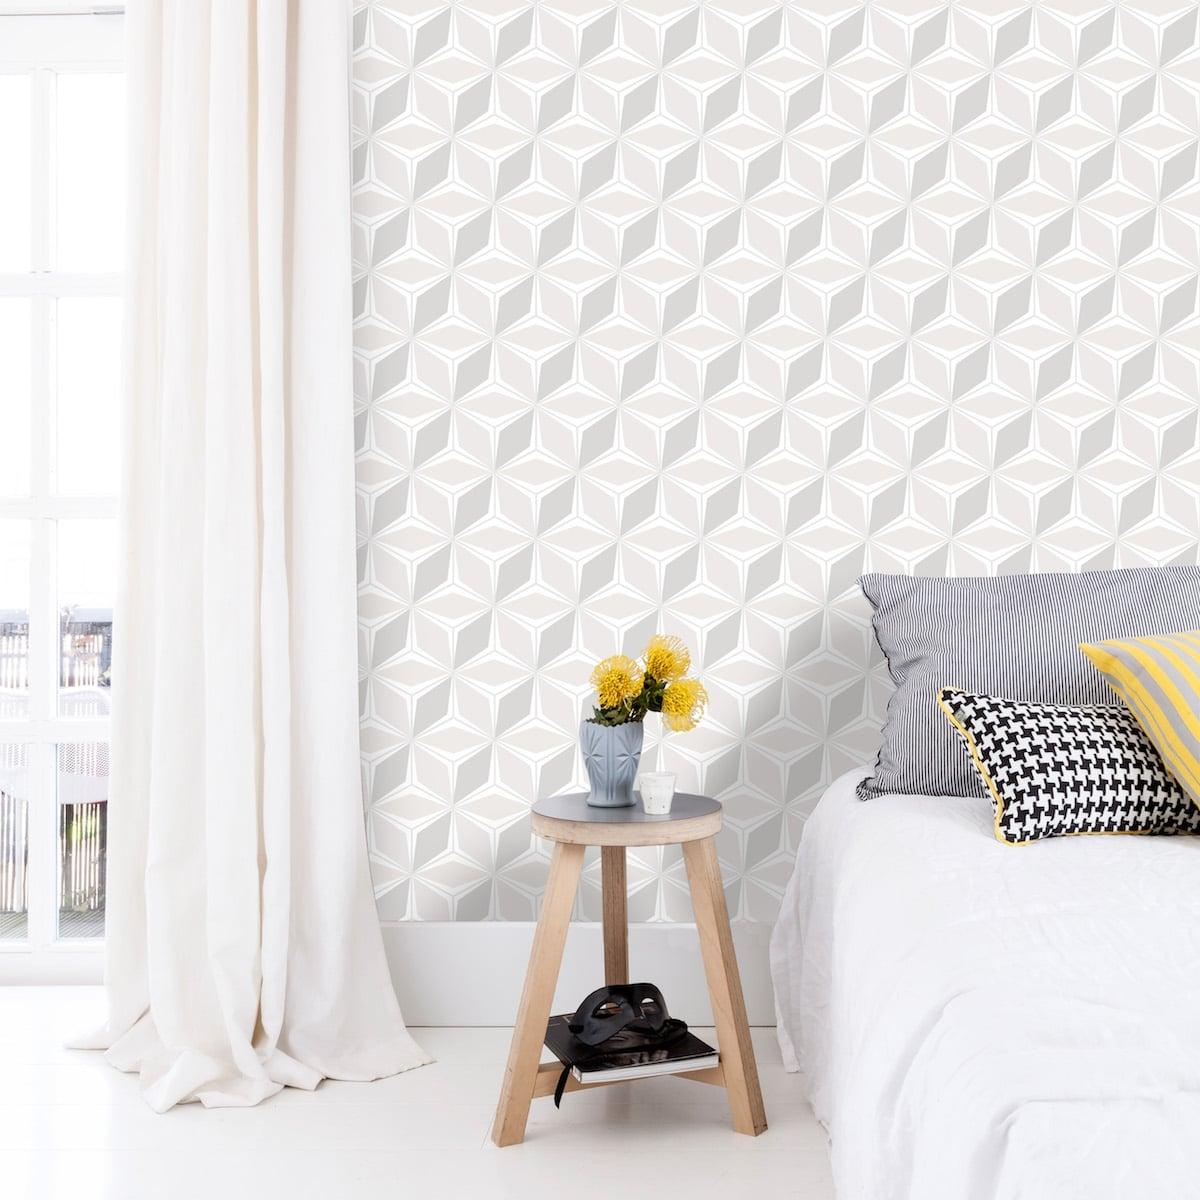 papier-peint-geometrique-home-sweet-home